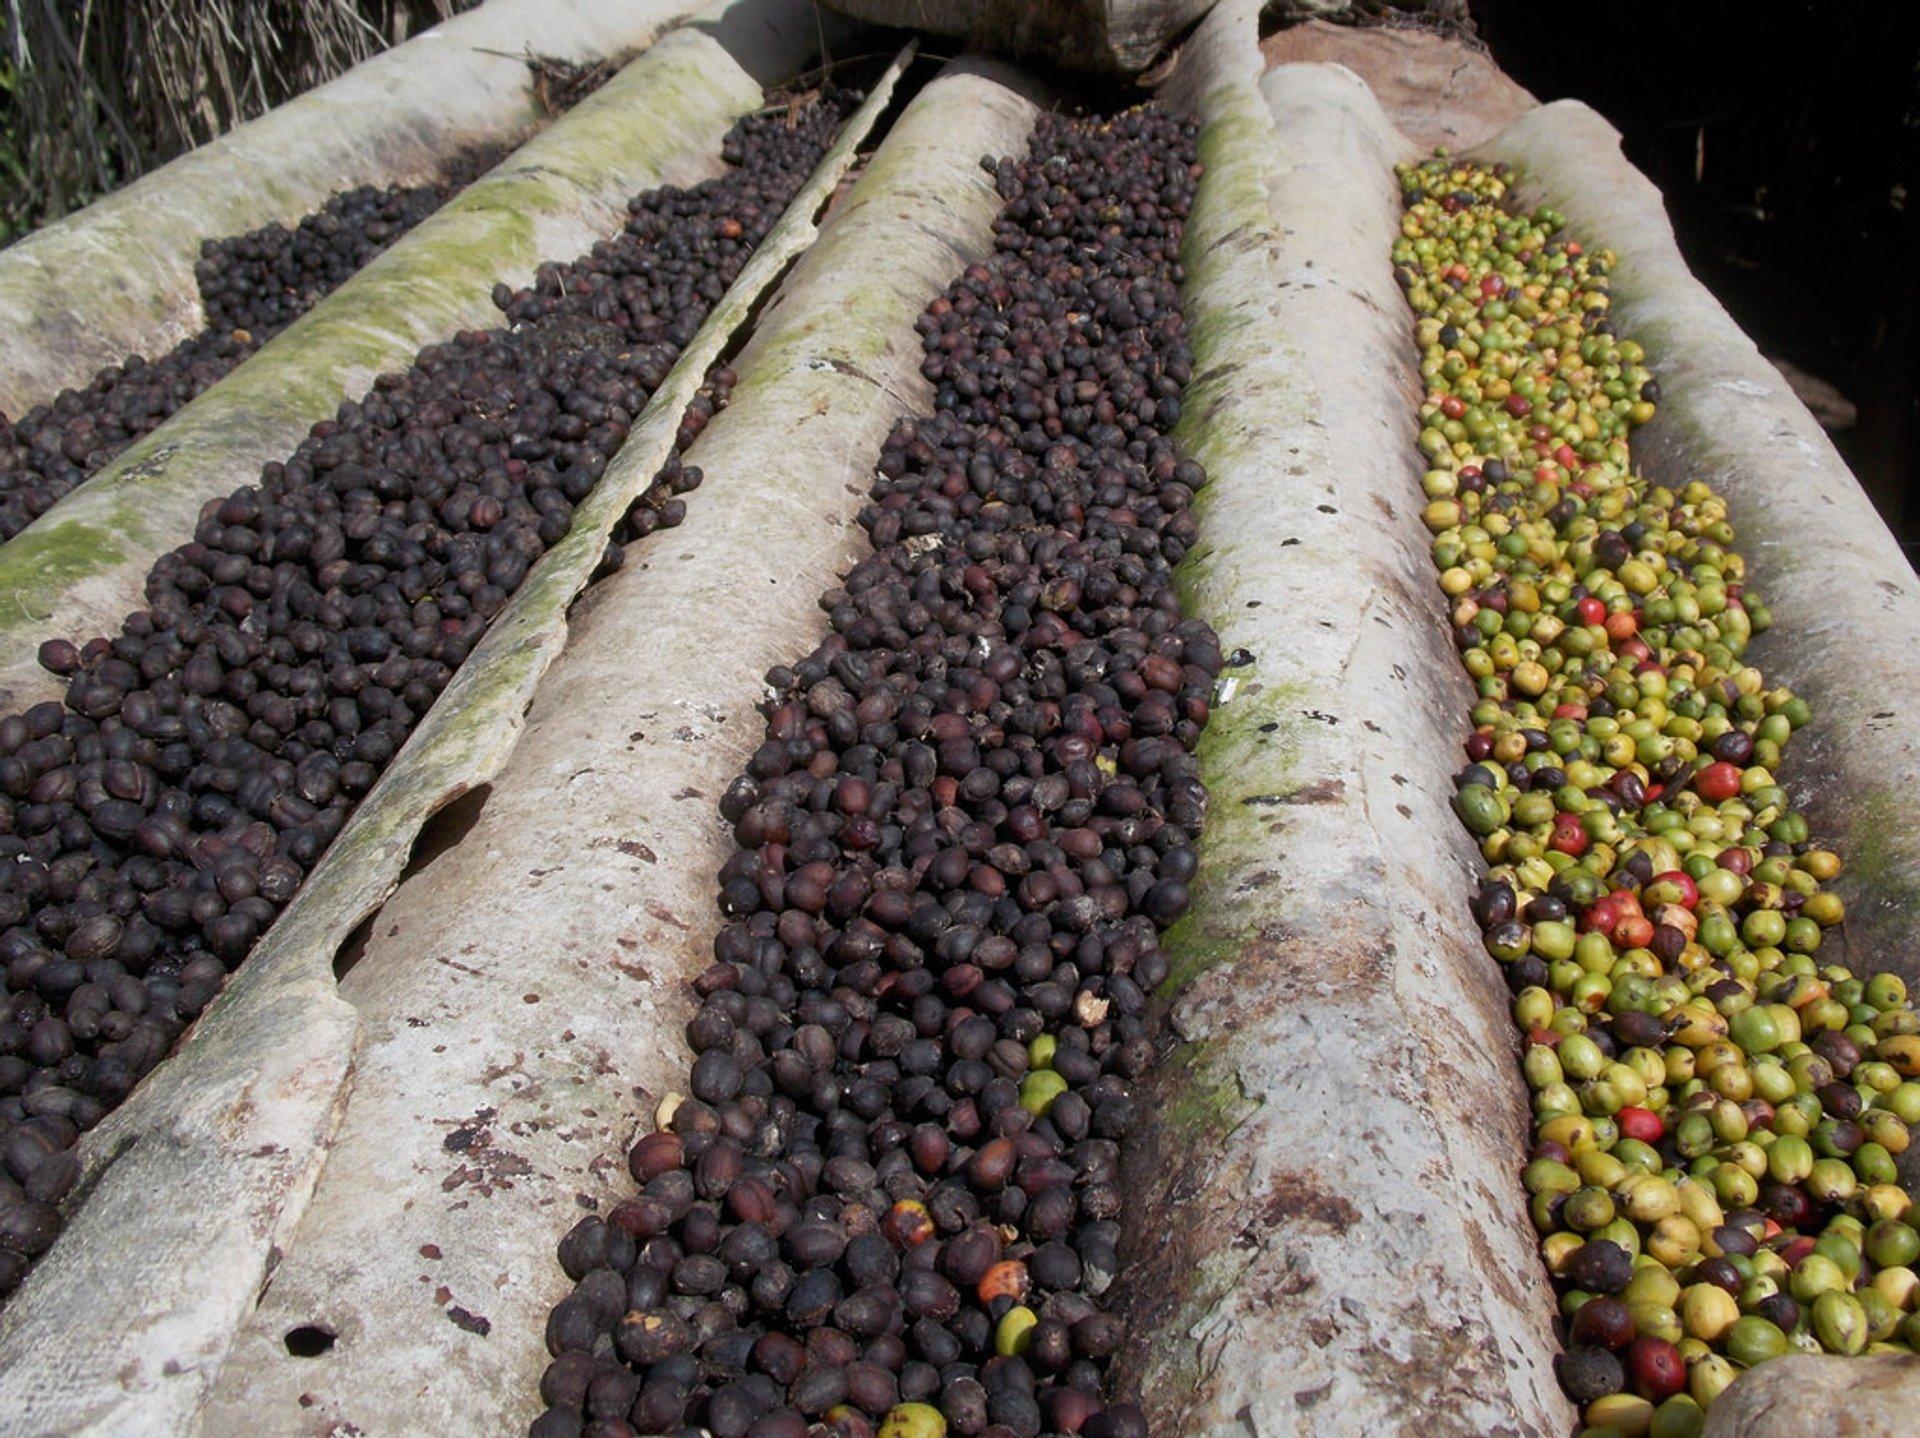 Coffee Harvest in Cuba - Best Season 2020